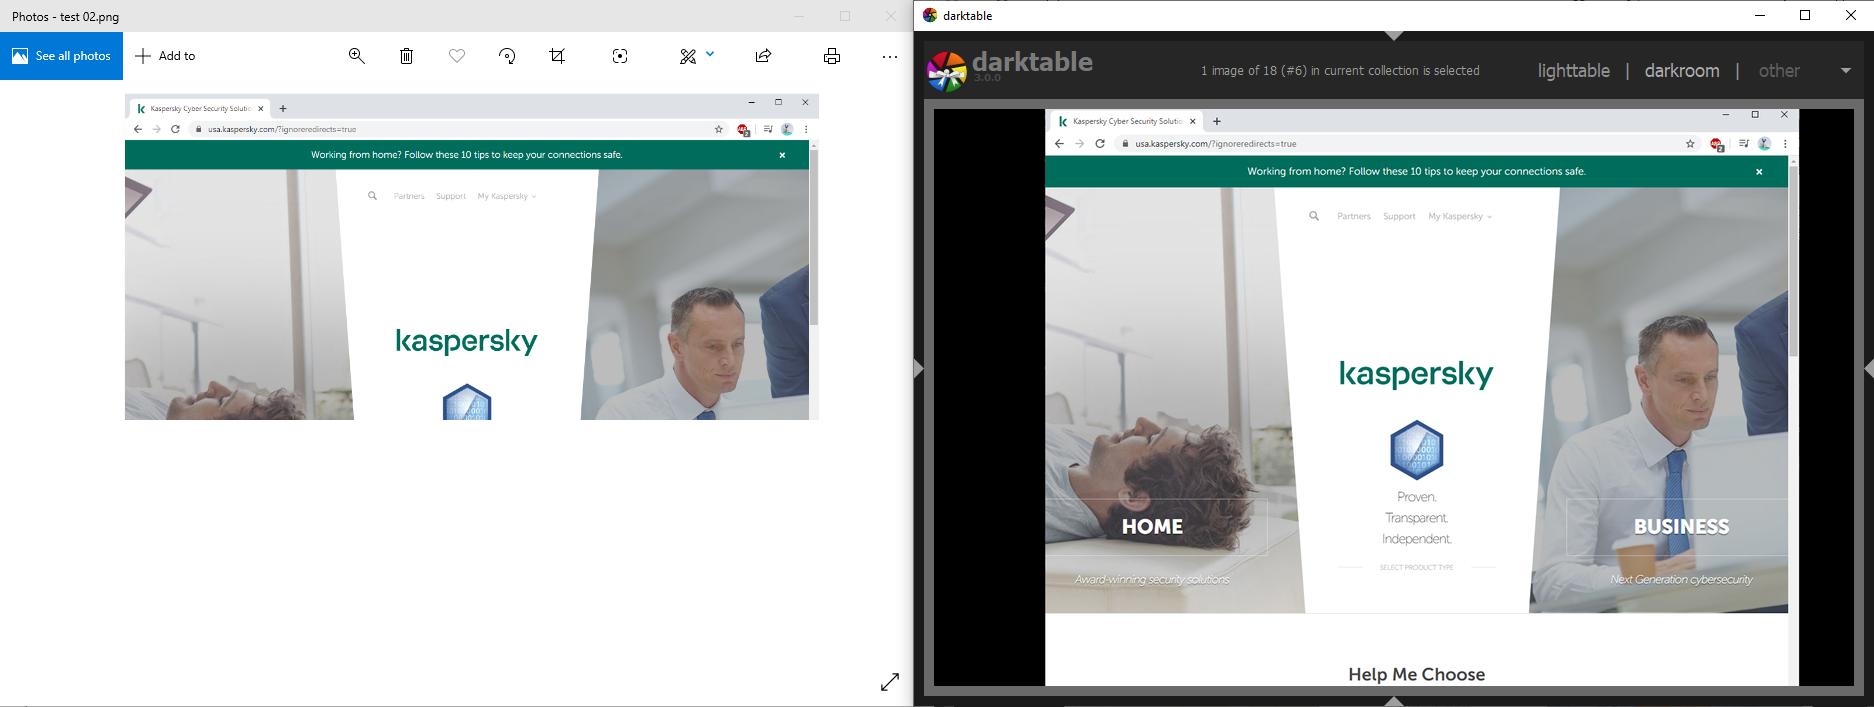 Das gleiche Bild in verschiedenen Viewern. Der untere Teil des Bildes wurde in einer verborgenen Ebene versteckt, die in der App Darktable angezeigt wird.